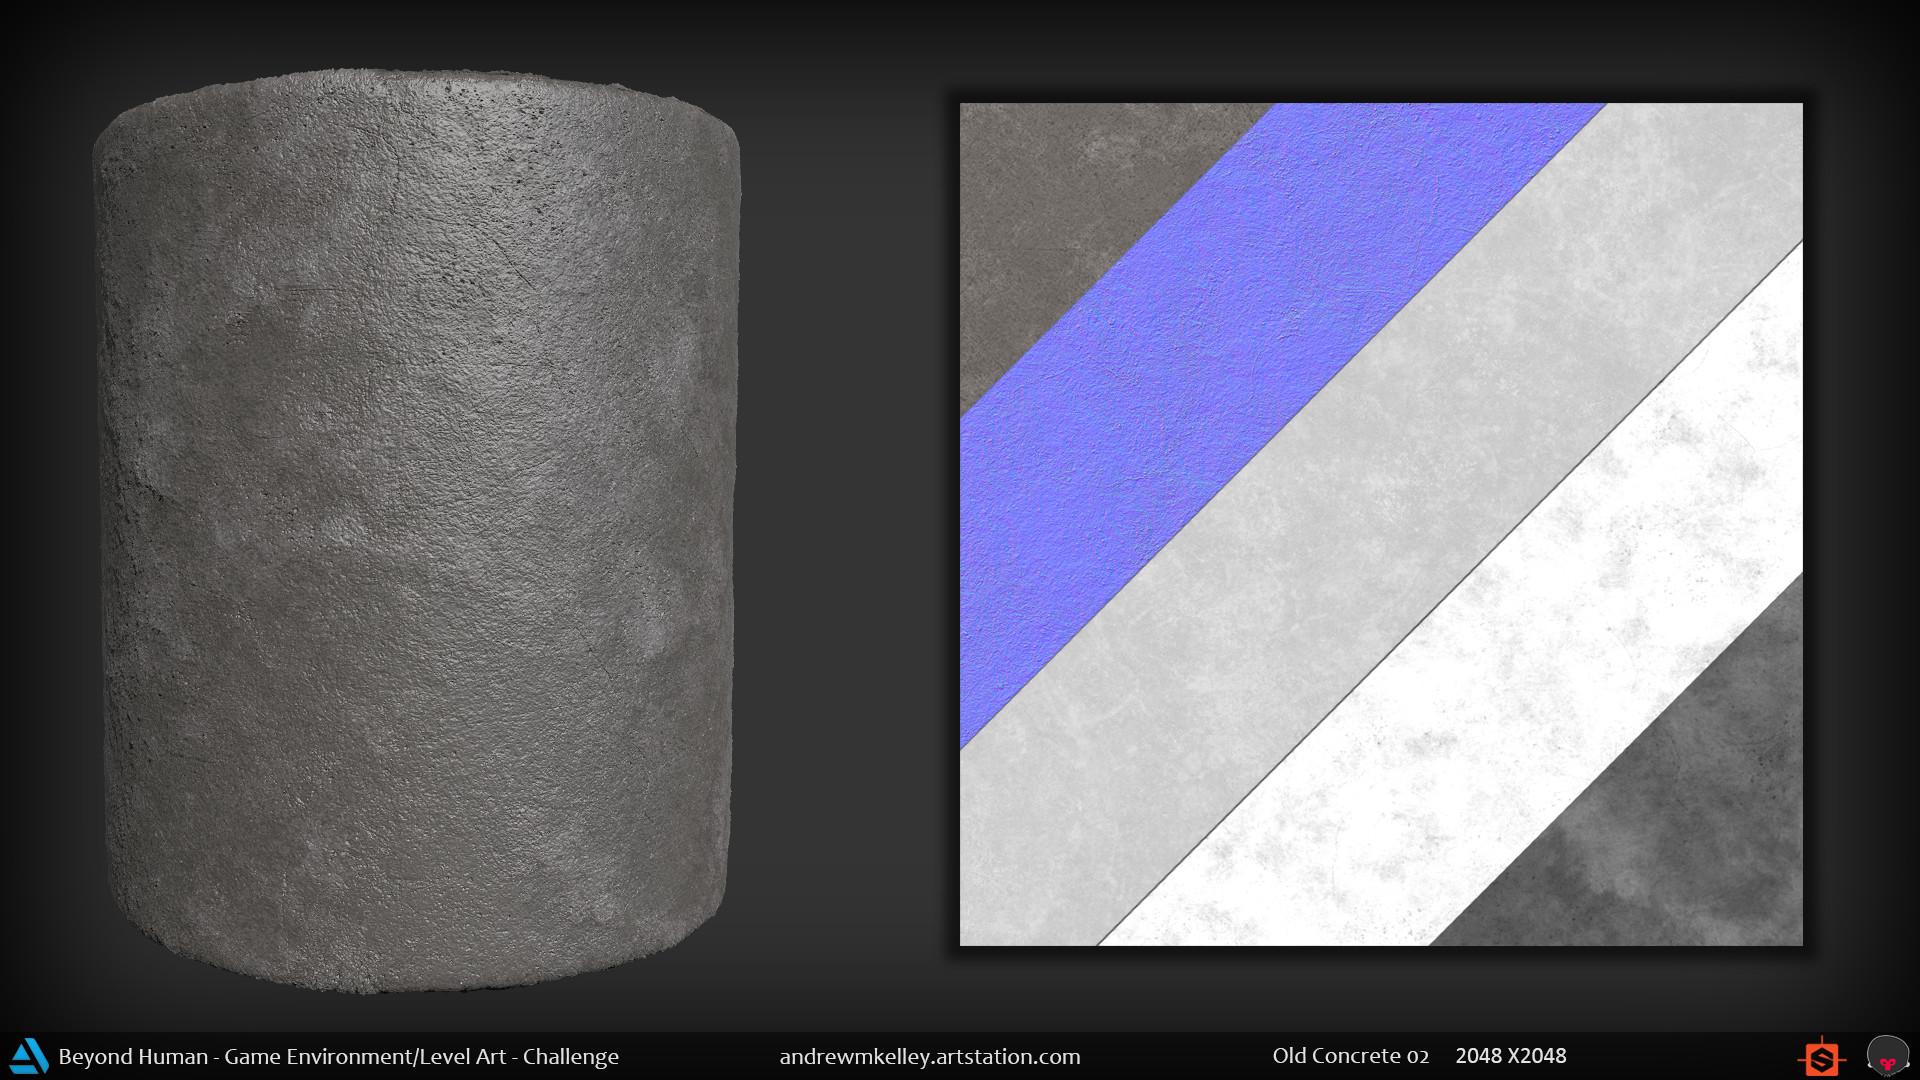 Andrew kelley materialshot oldconcrete02